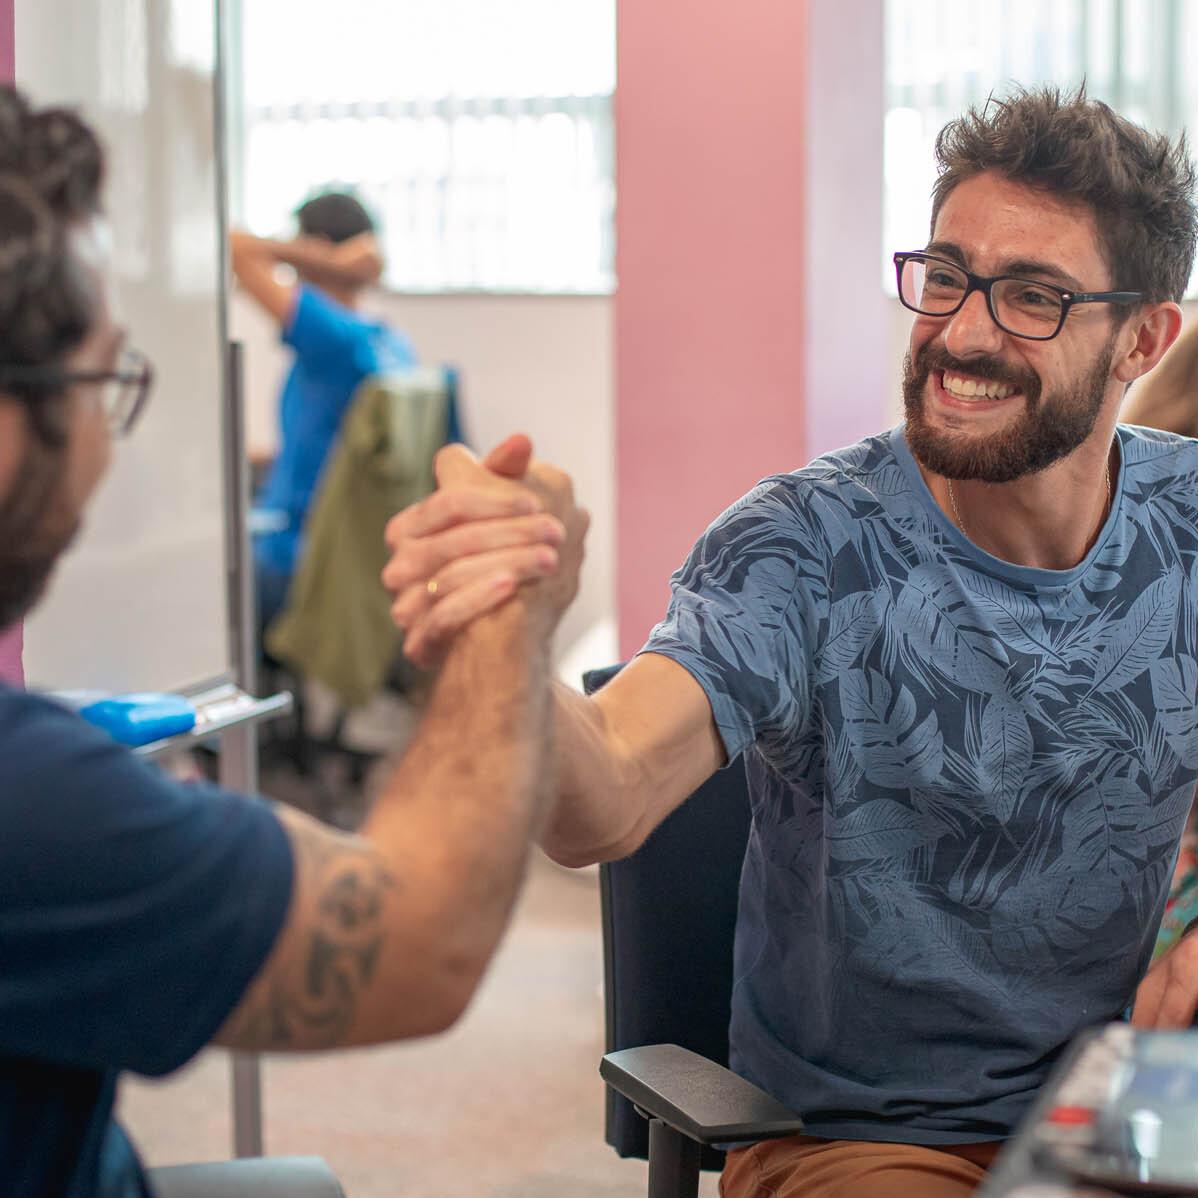 Foto com dois RDoers lado a lado apertando as mãos. Eles são ambos homens brancos, com cabelo curto, óculos e barba.